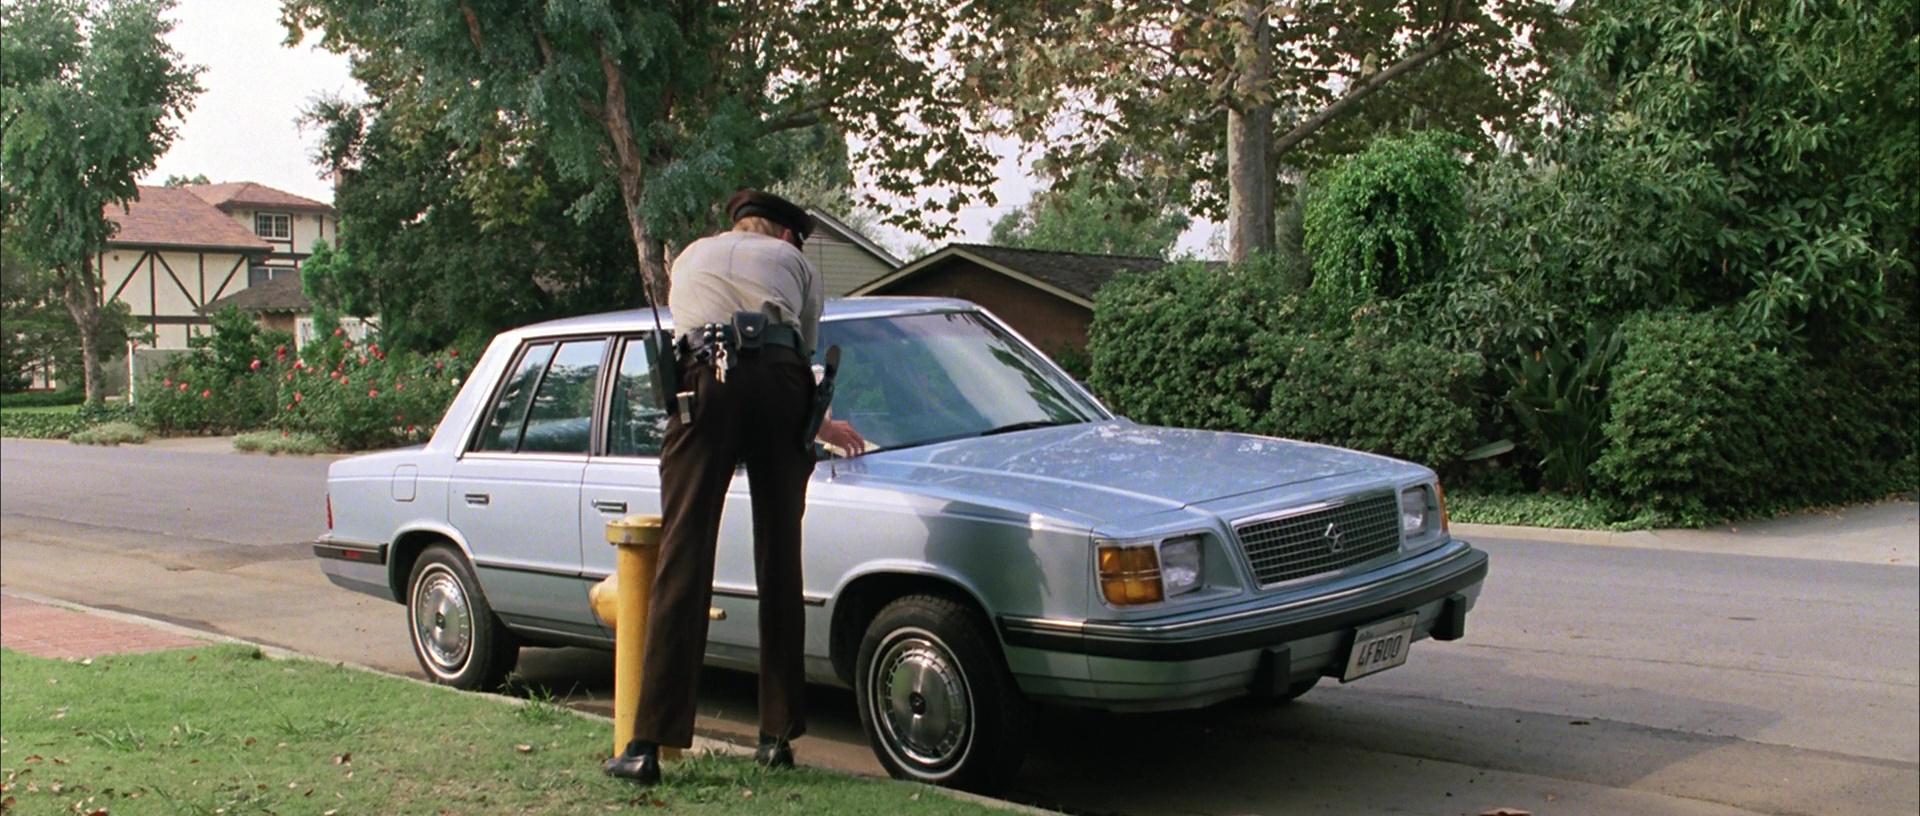 Plymouth Reliant K Car Used By Jeffrey Jones In Ferris